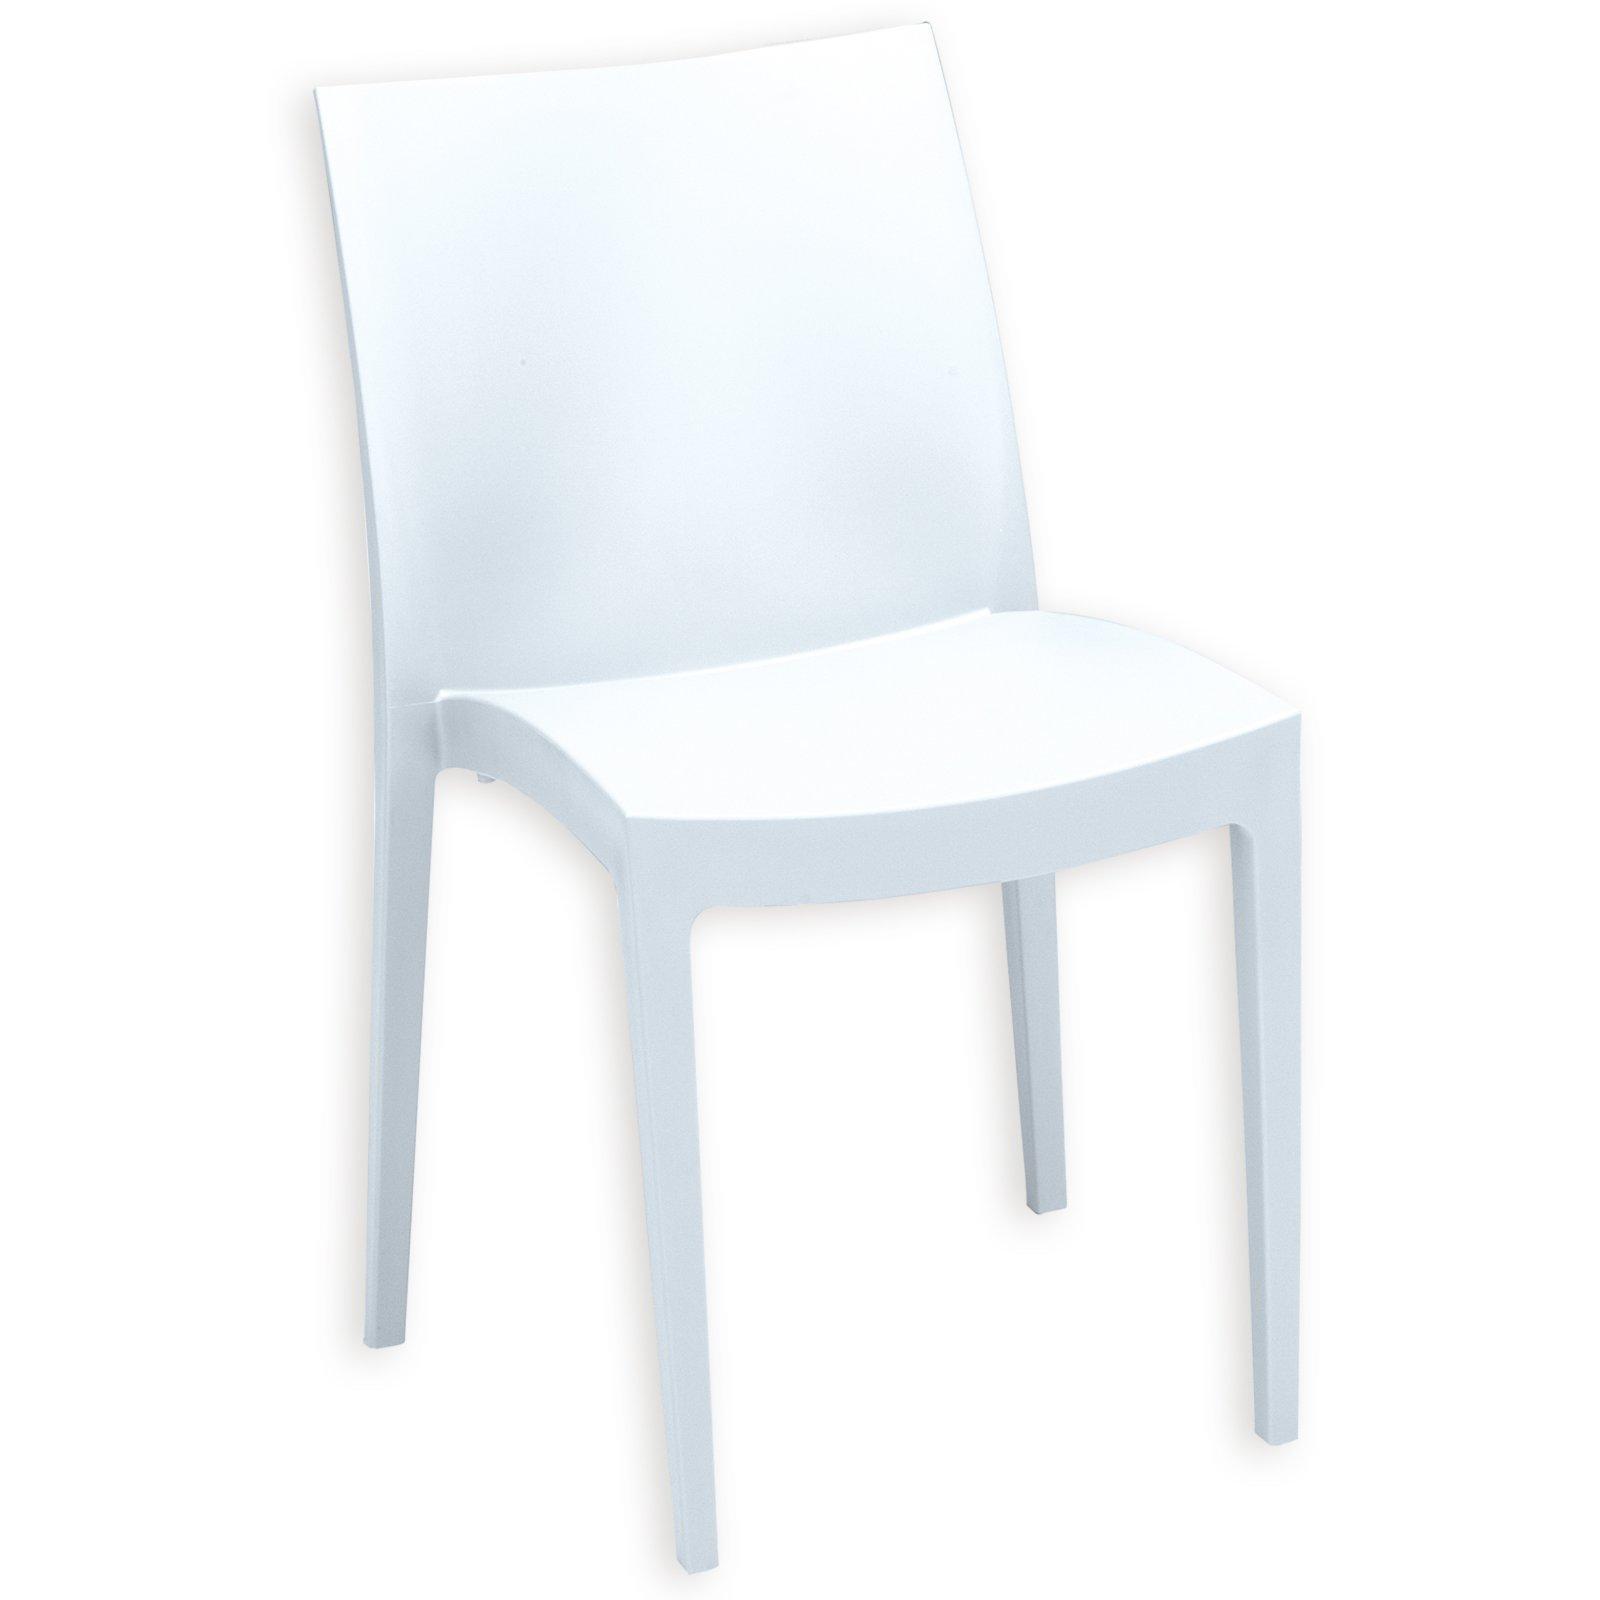 stapelstuhl venice wei kunststoff stapelst hle st hle st hle hocker m bel. Black Bedroom Furniture Sets. Home Design Ideas